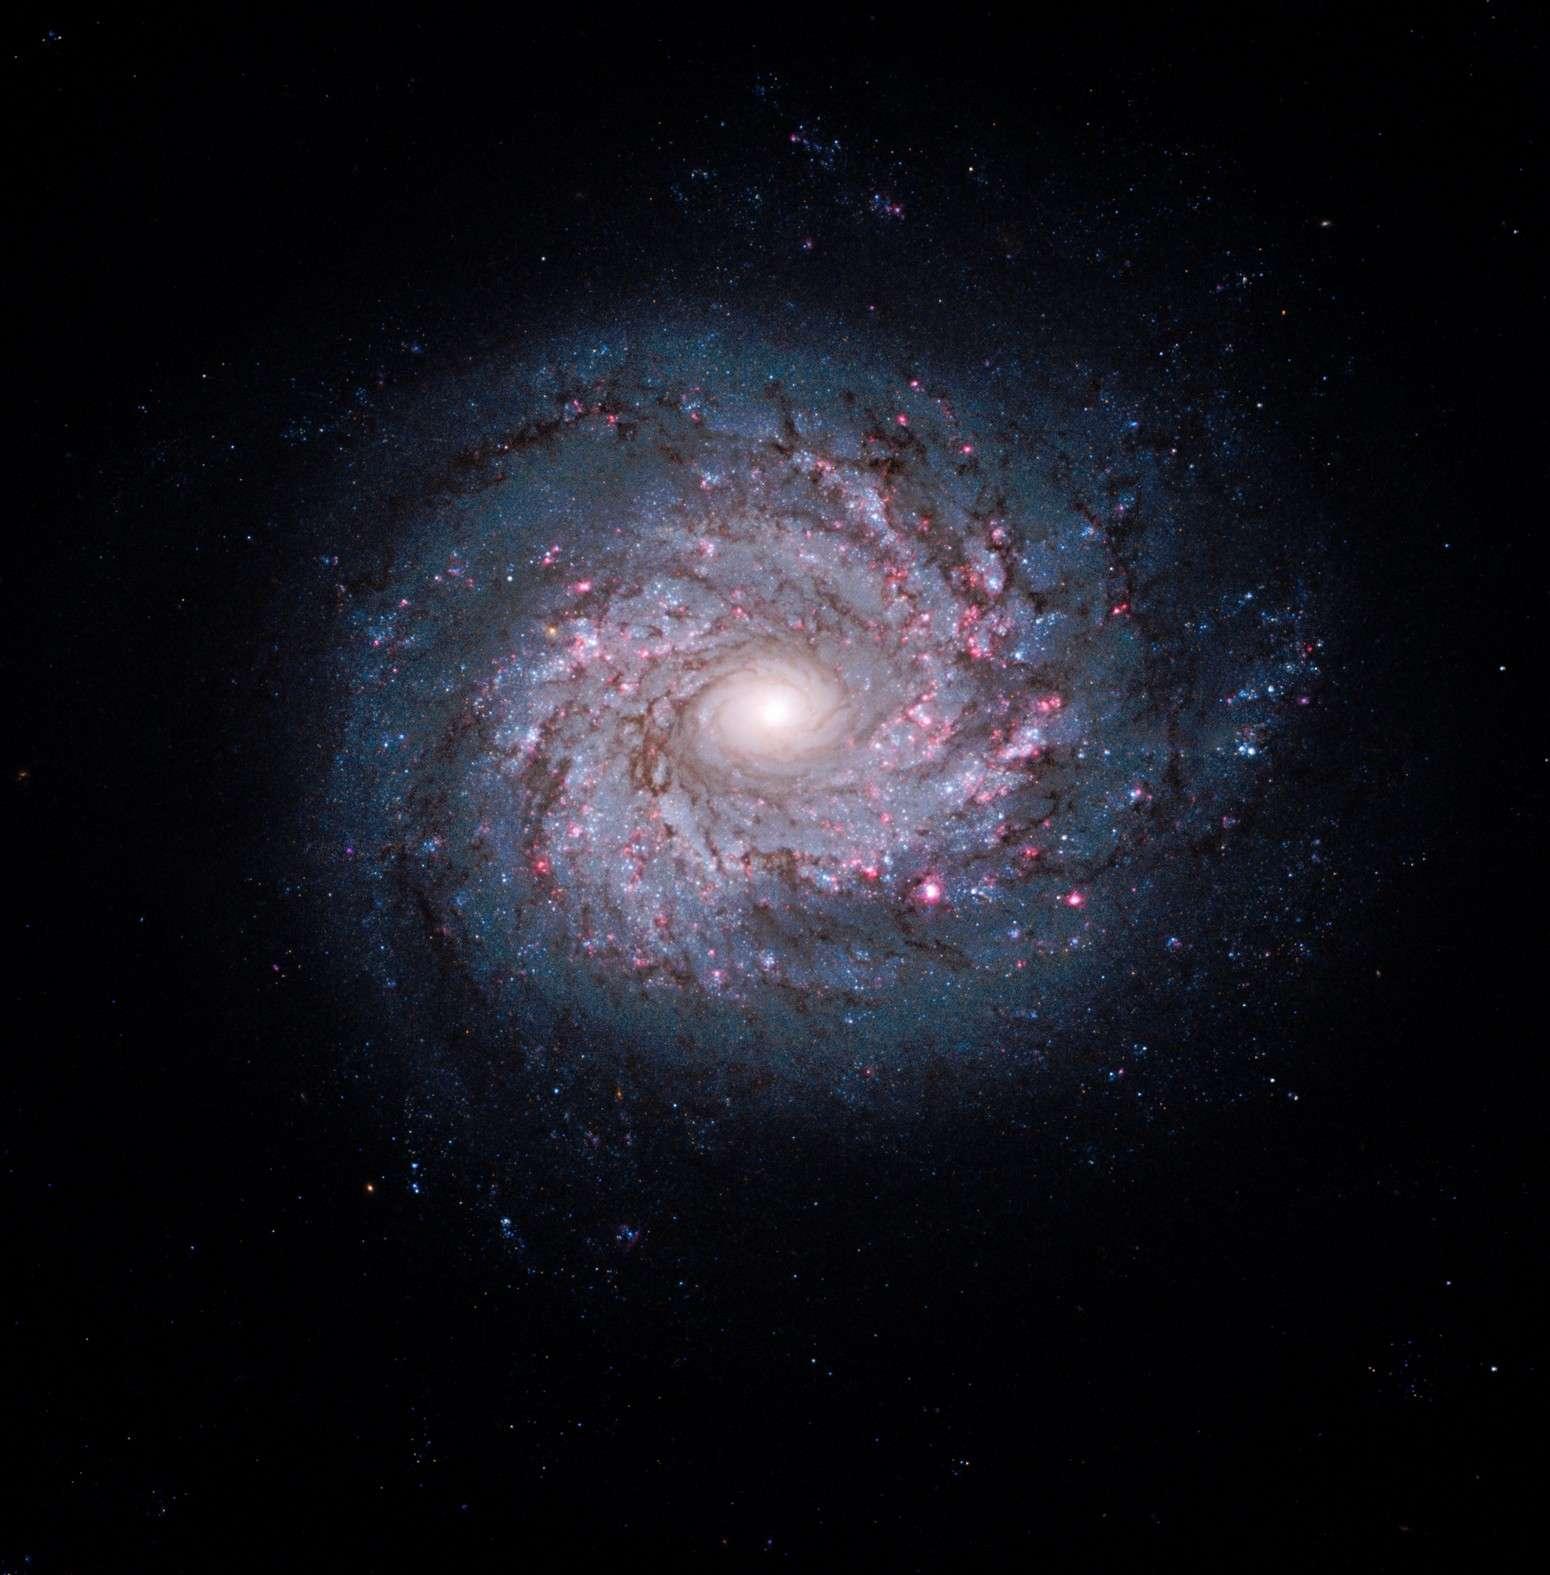 NGC 3982 photographiée par le télescope spatial Hubble. © Nasa/Esa/The Hubble Heritage Team (STScI/AURA)